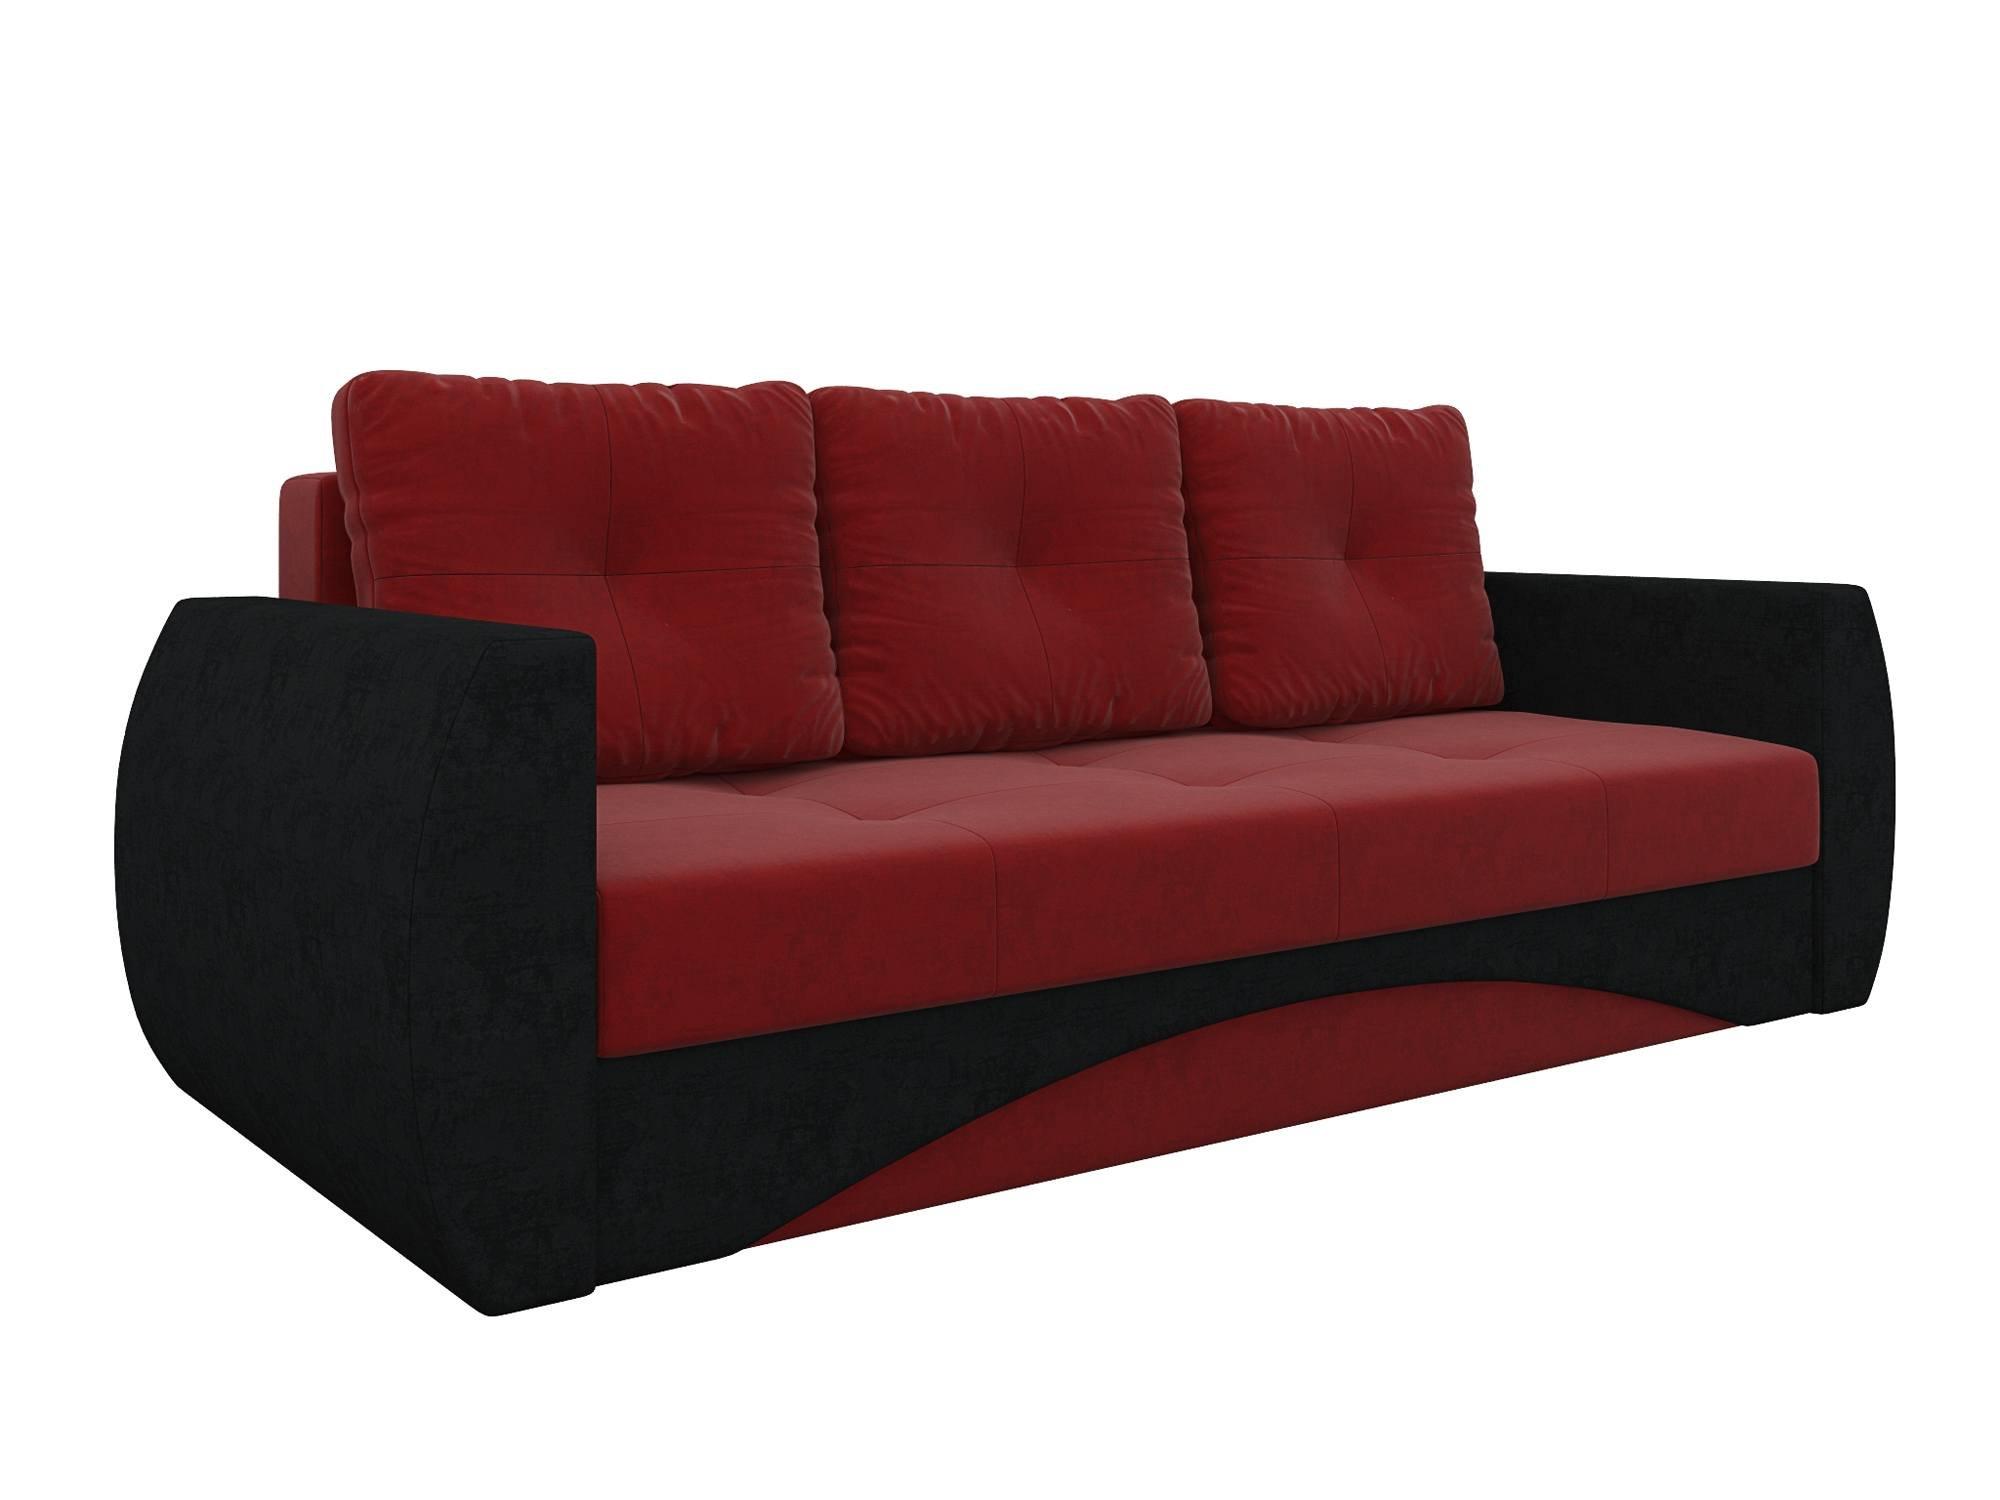 купить диван в наличии